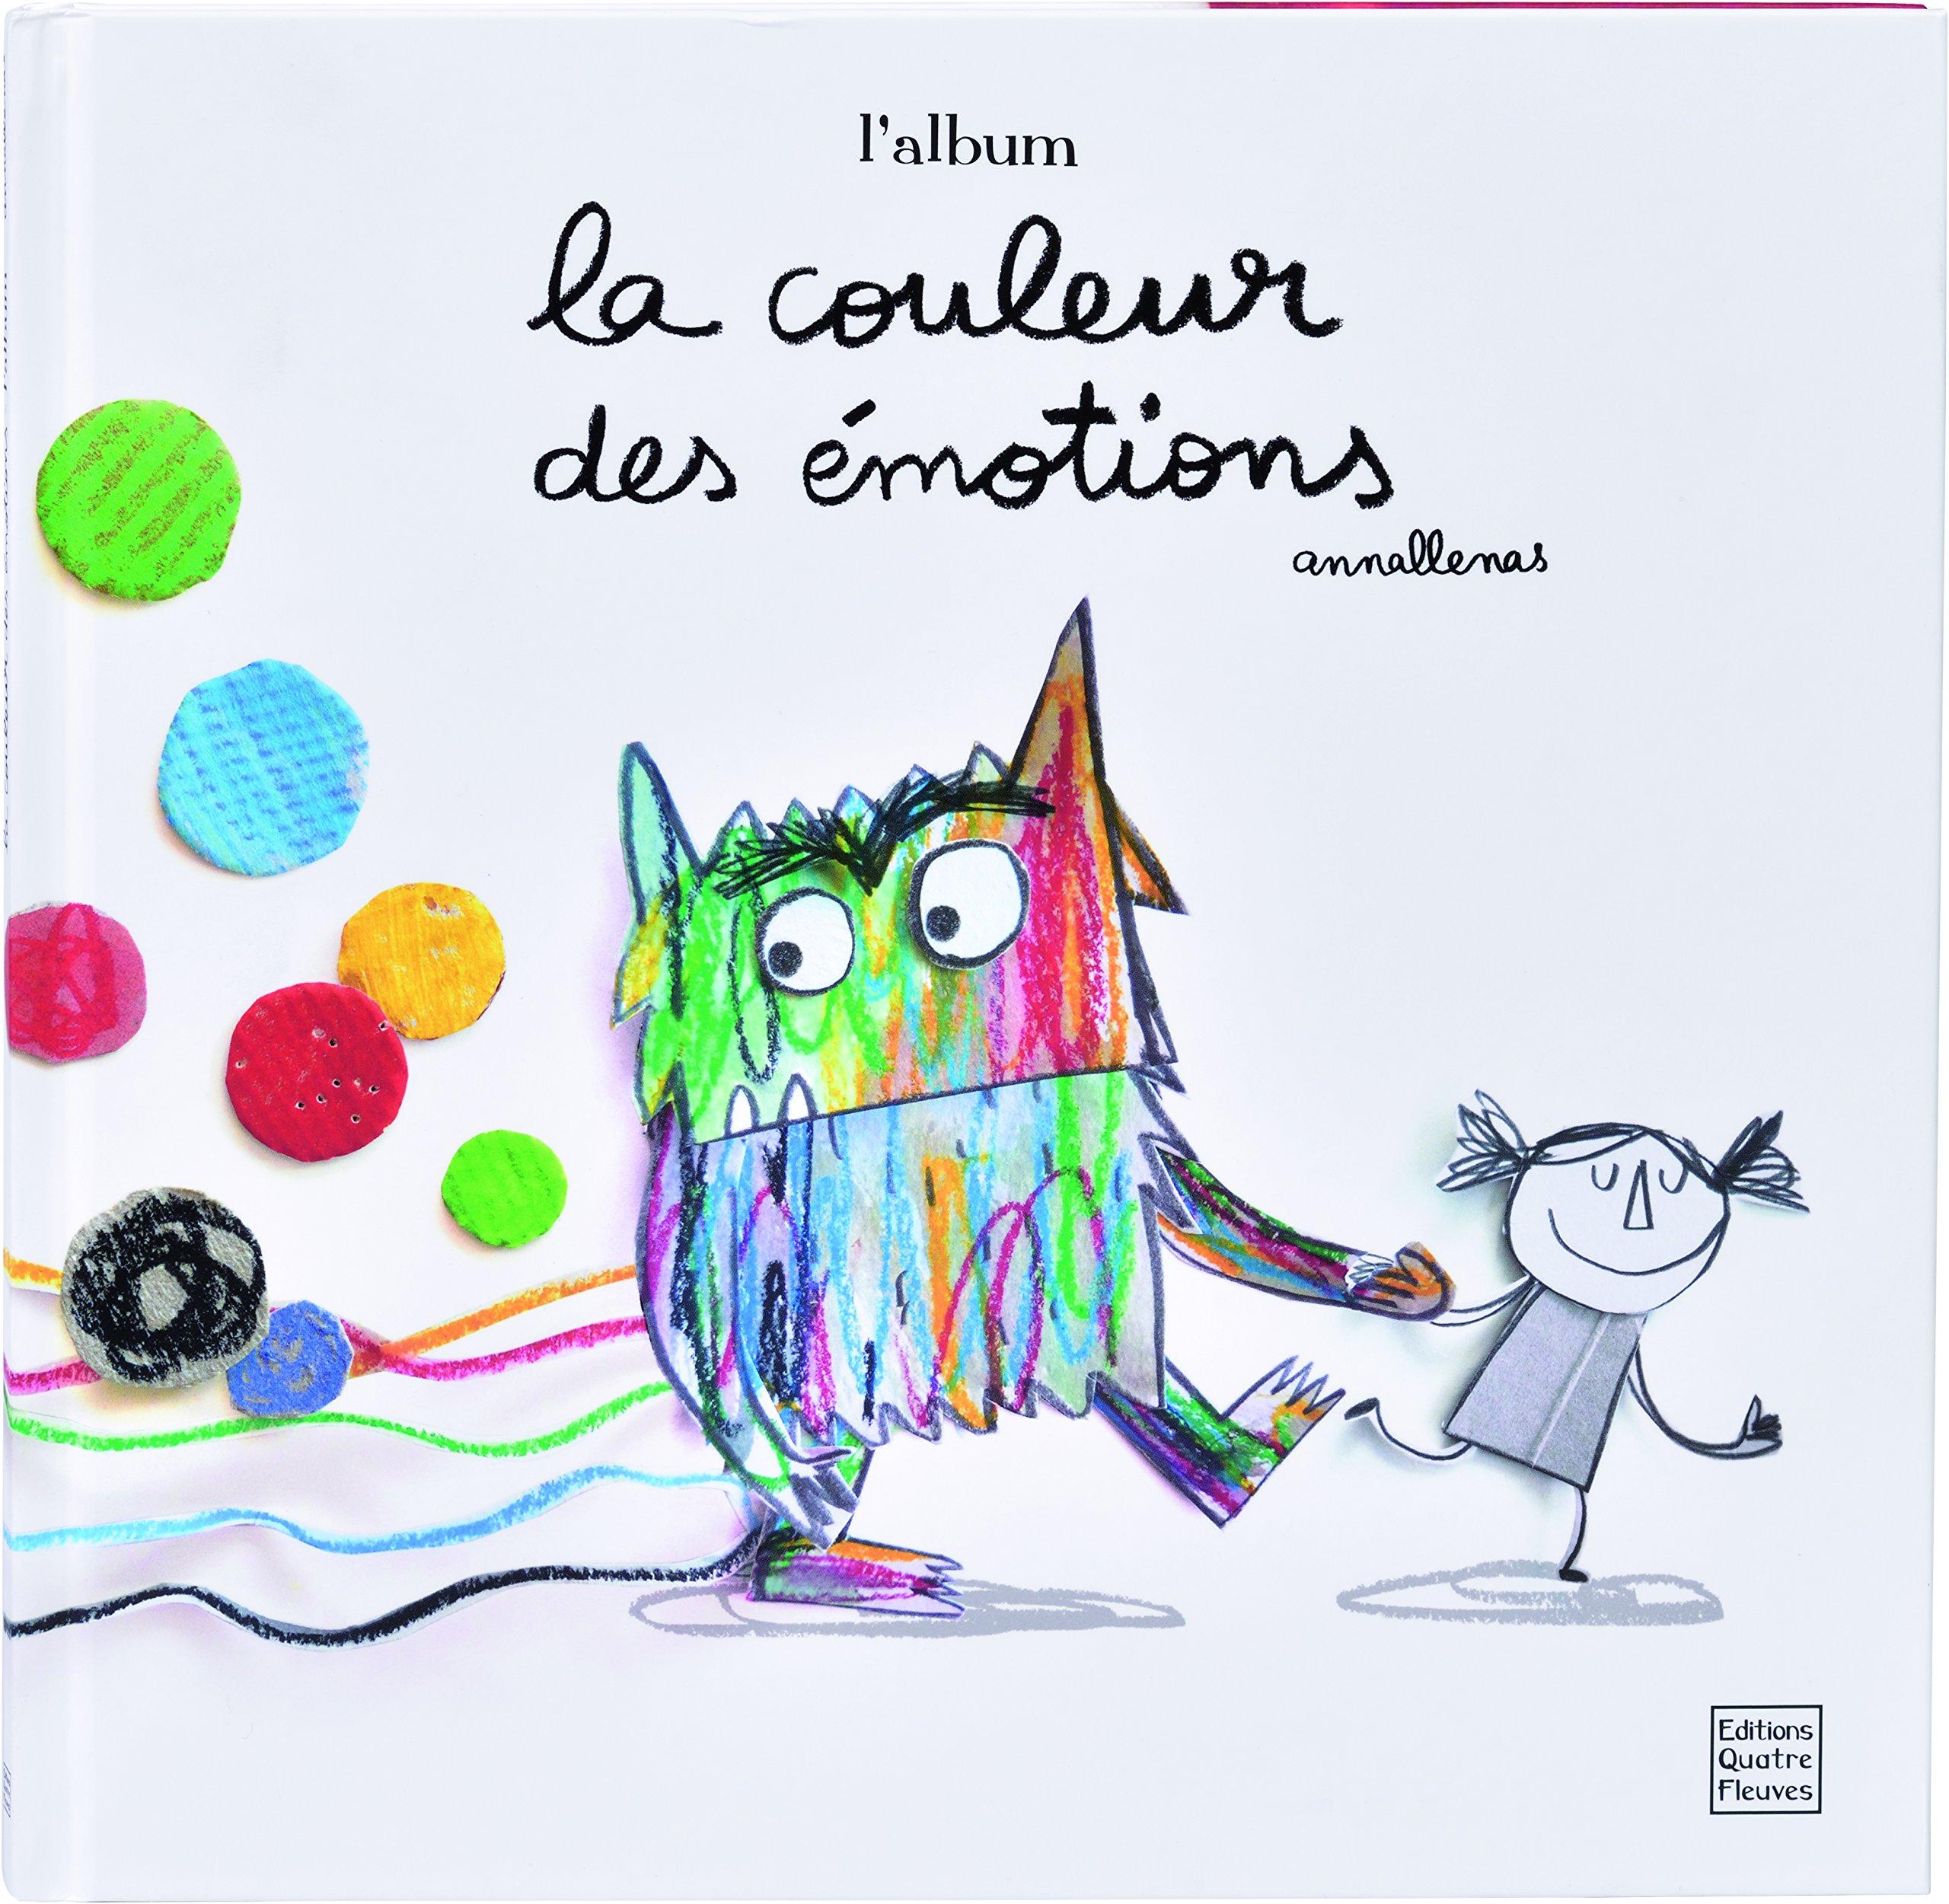 La couleur des émotions Album – 19 mai 2017 Anna Llenas Marie Antilogus Quatre Fleuves B01N9H1G0S